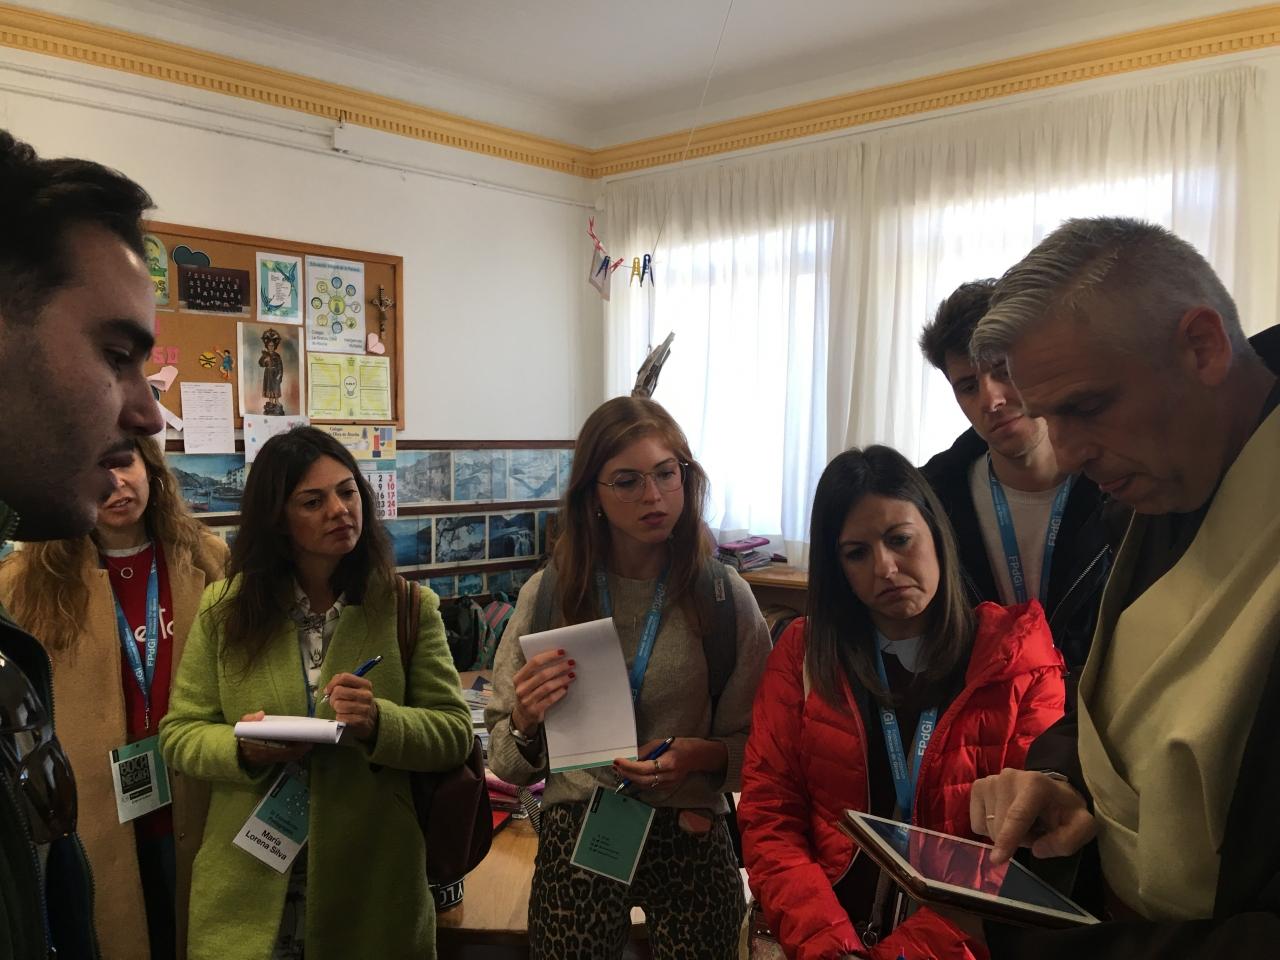 b473ecefdcc8 Descubriendo centros de educación emprendedora e innovadora en Galicia